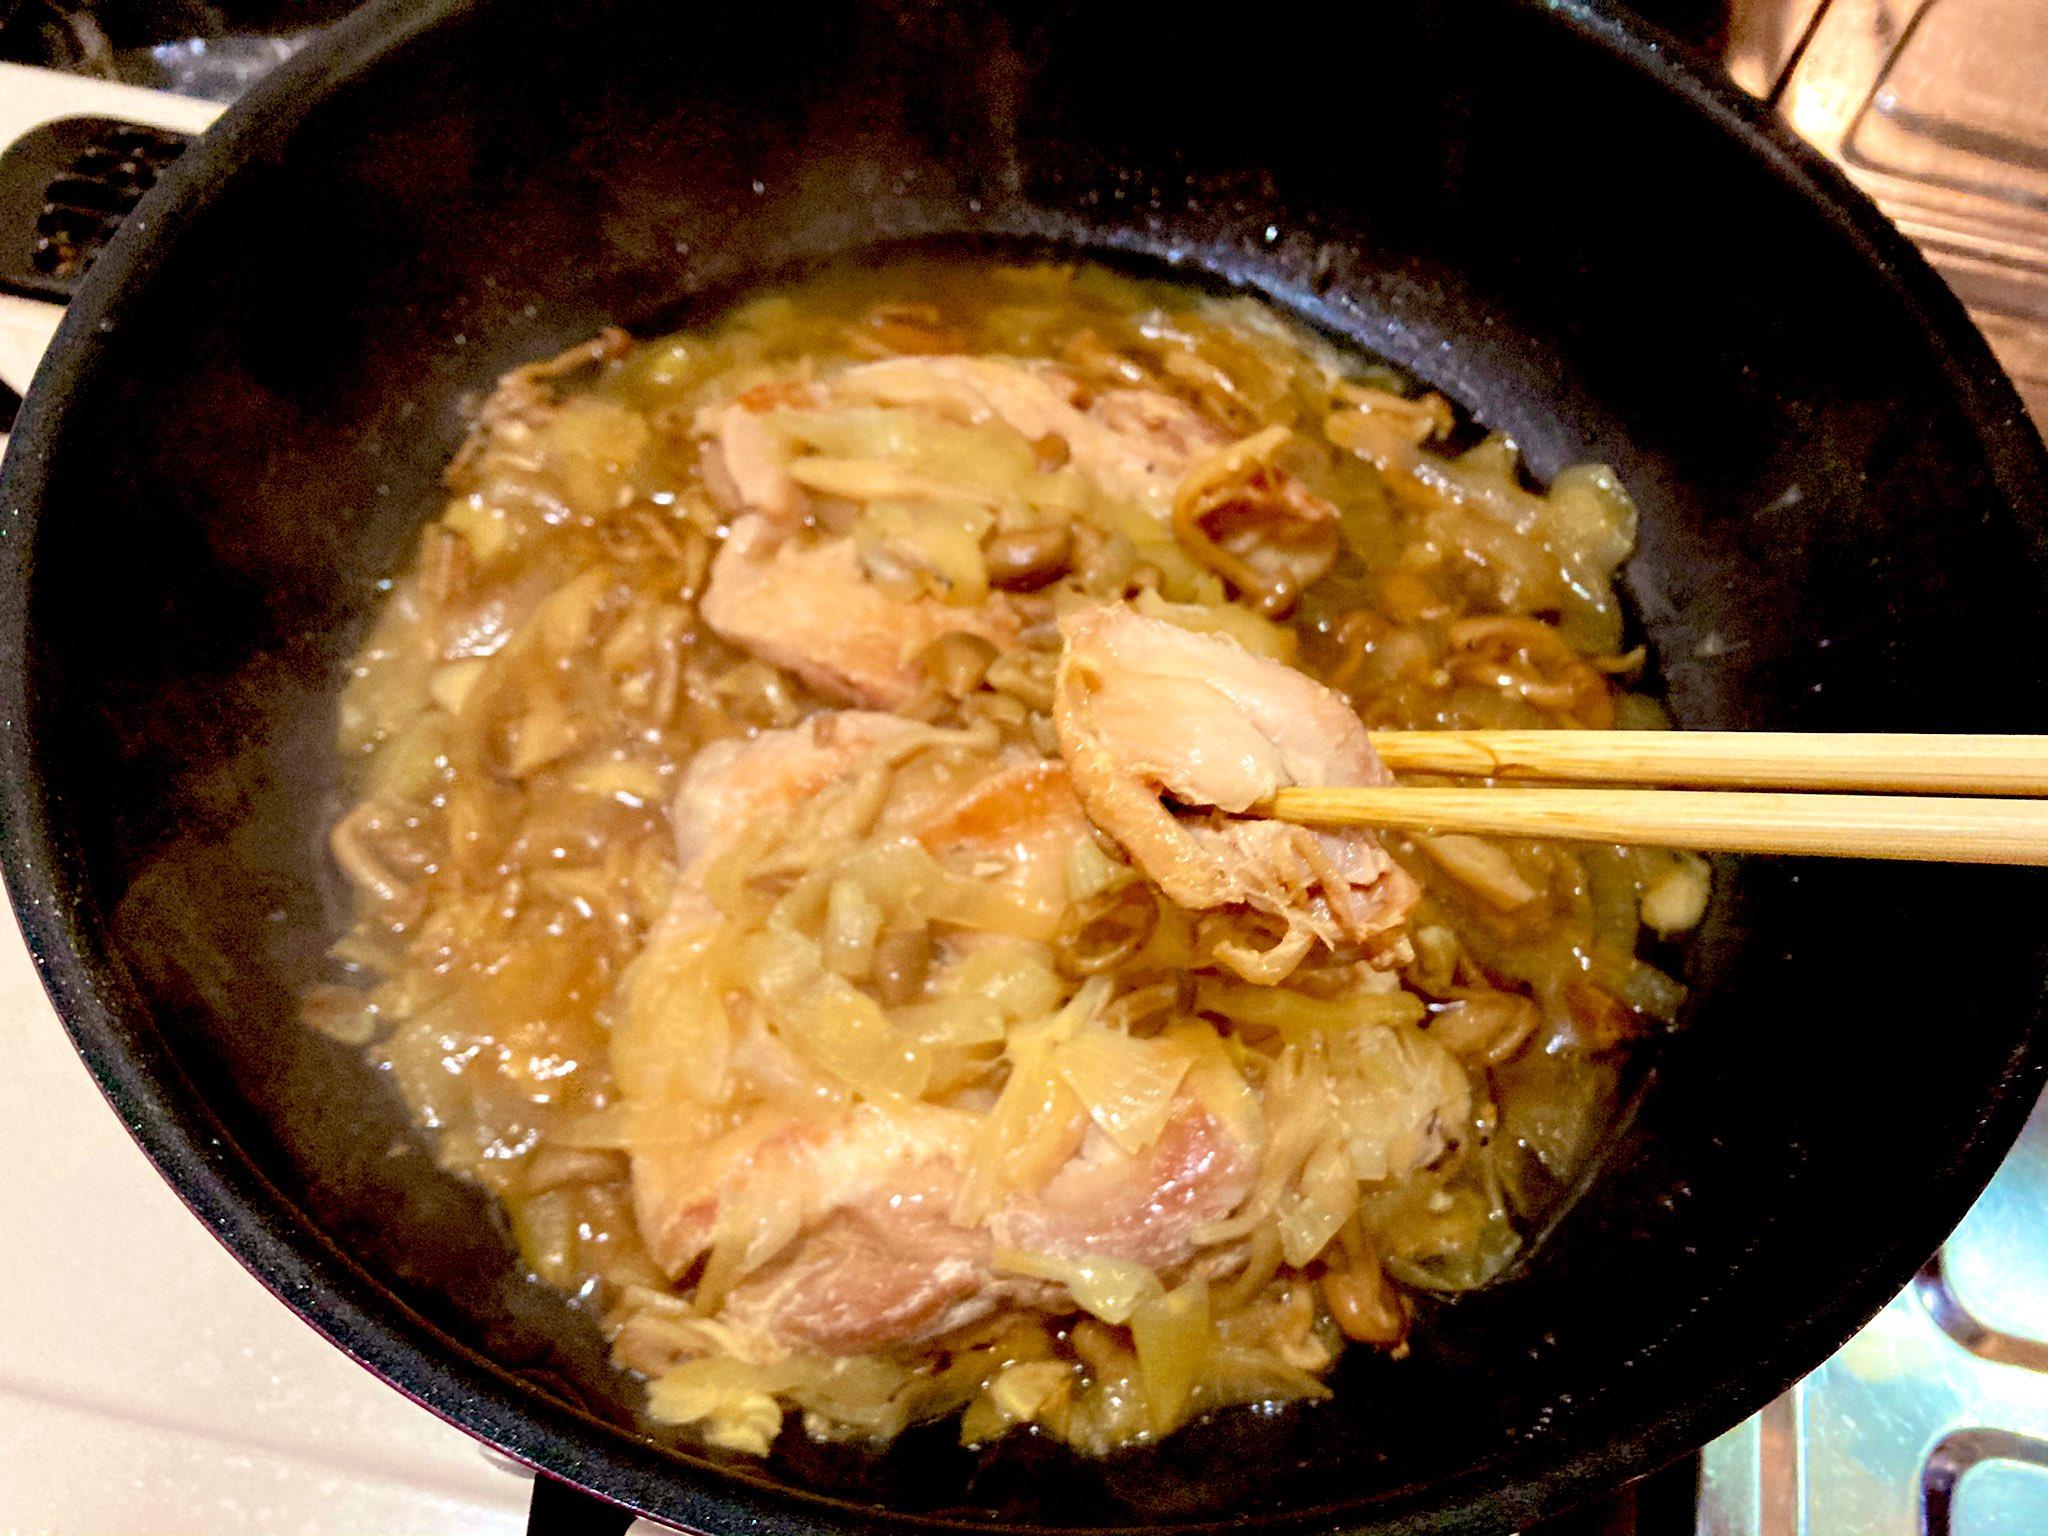 取り出すころには箸でほぐせる程度に柔らかいお肉に